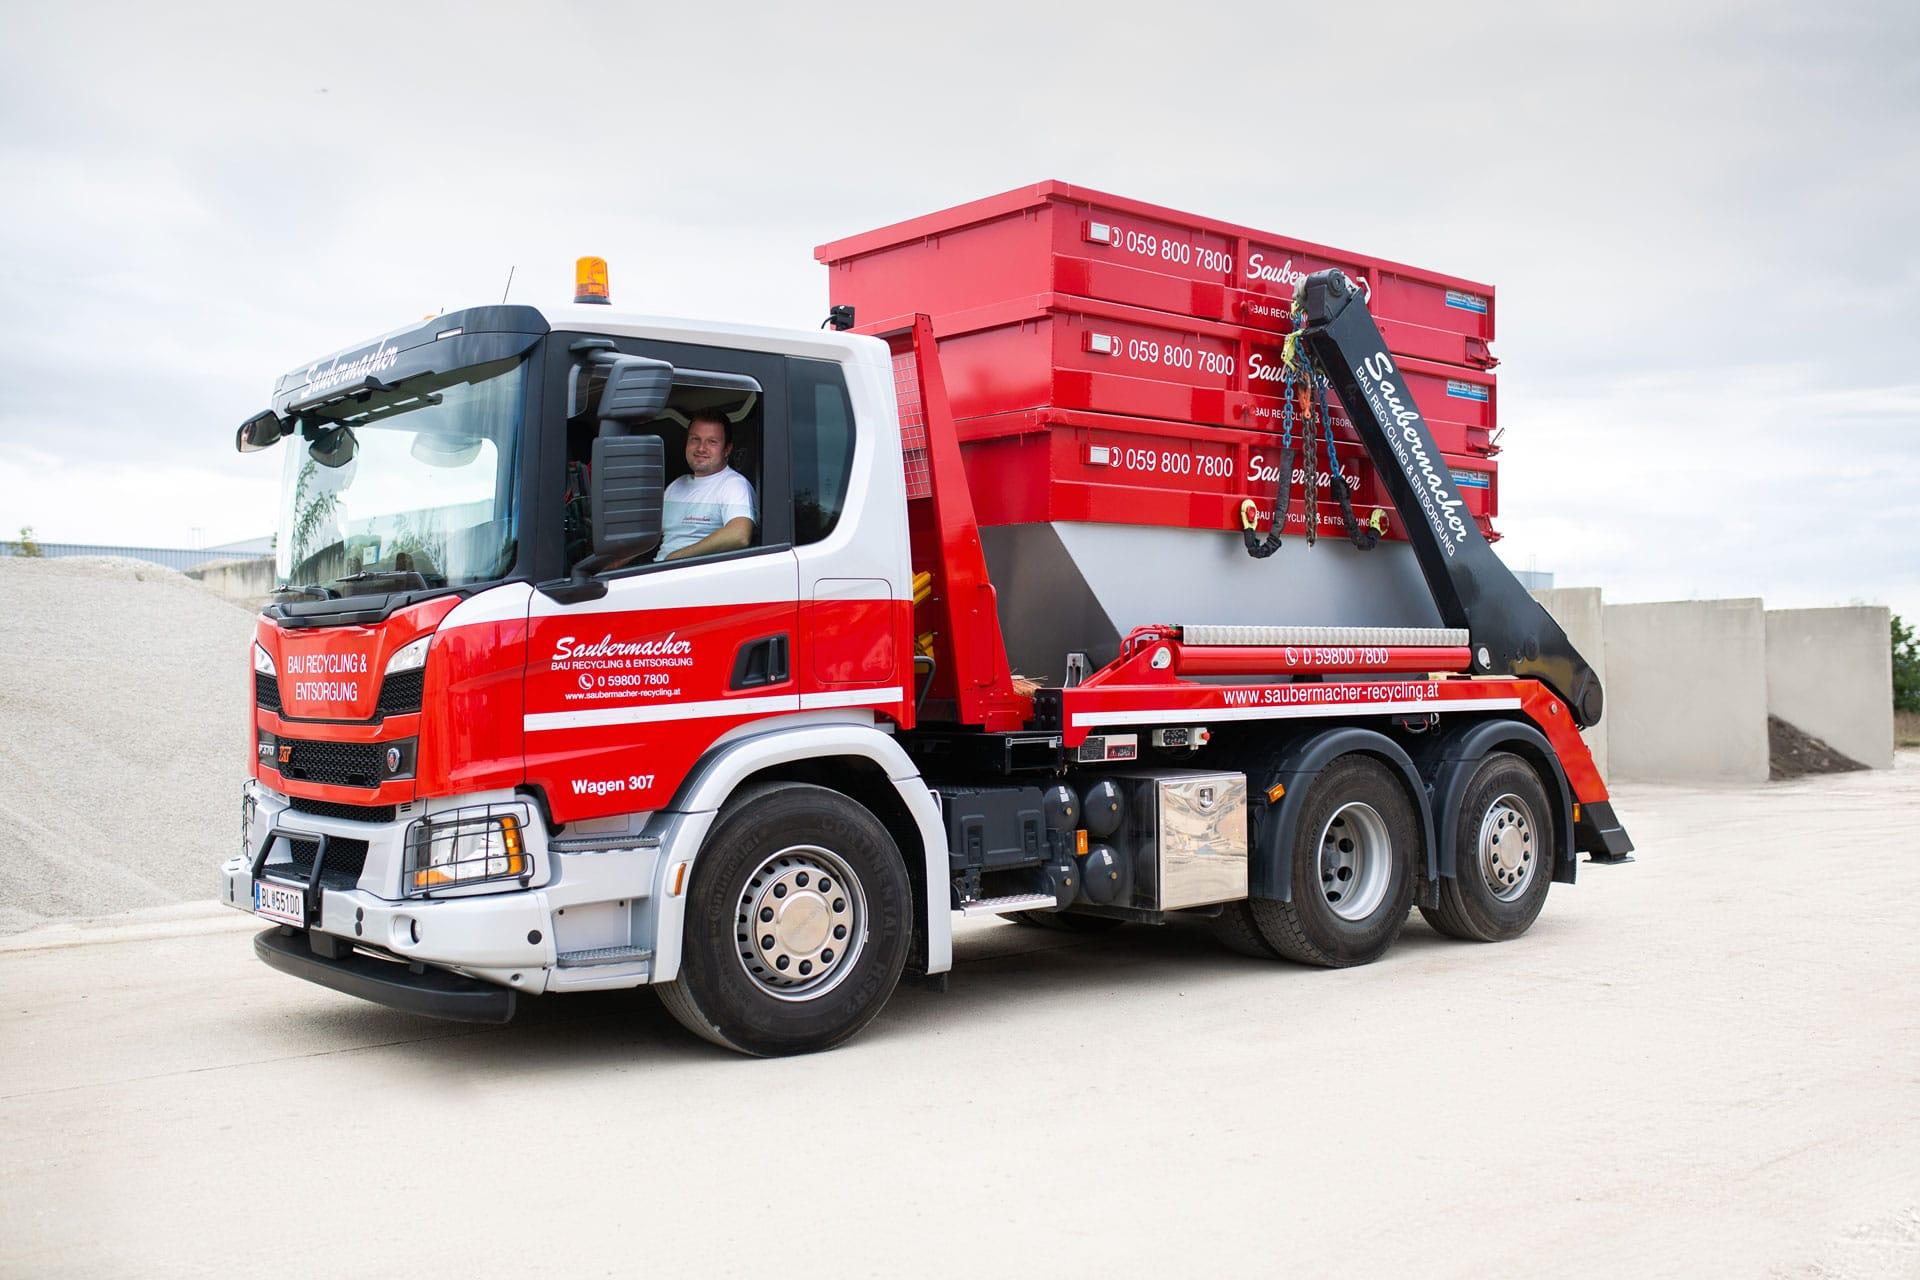 Saubermacher Bau Recycling & Entsorgung: Ihr kompetenter Profi für eine saubere und sichere Baustelle im Großraum Wien